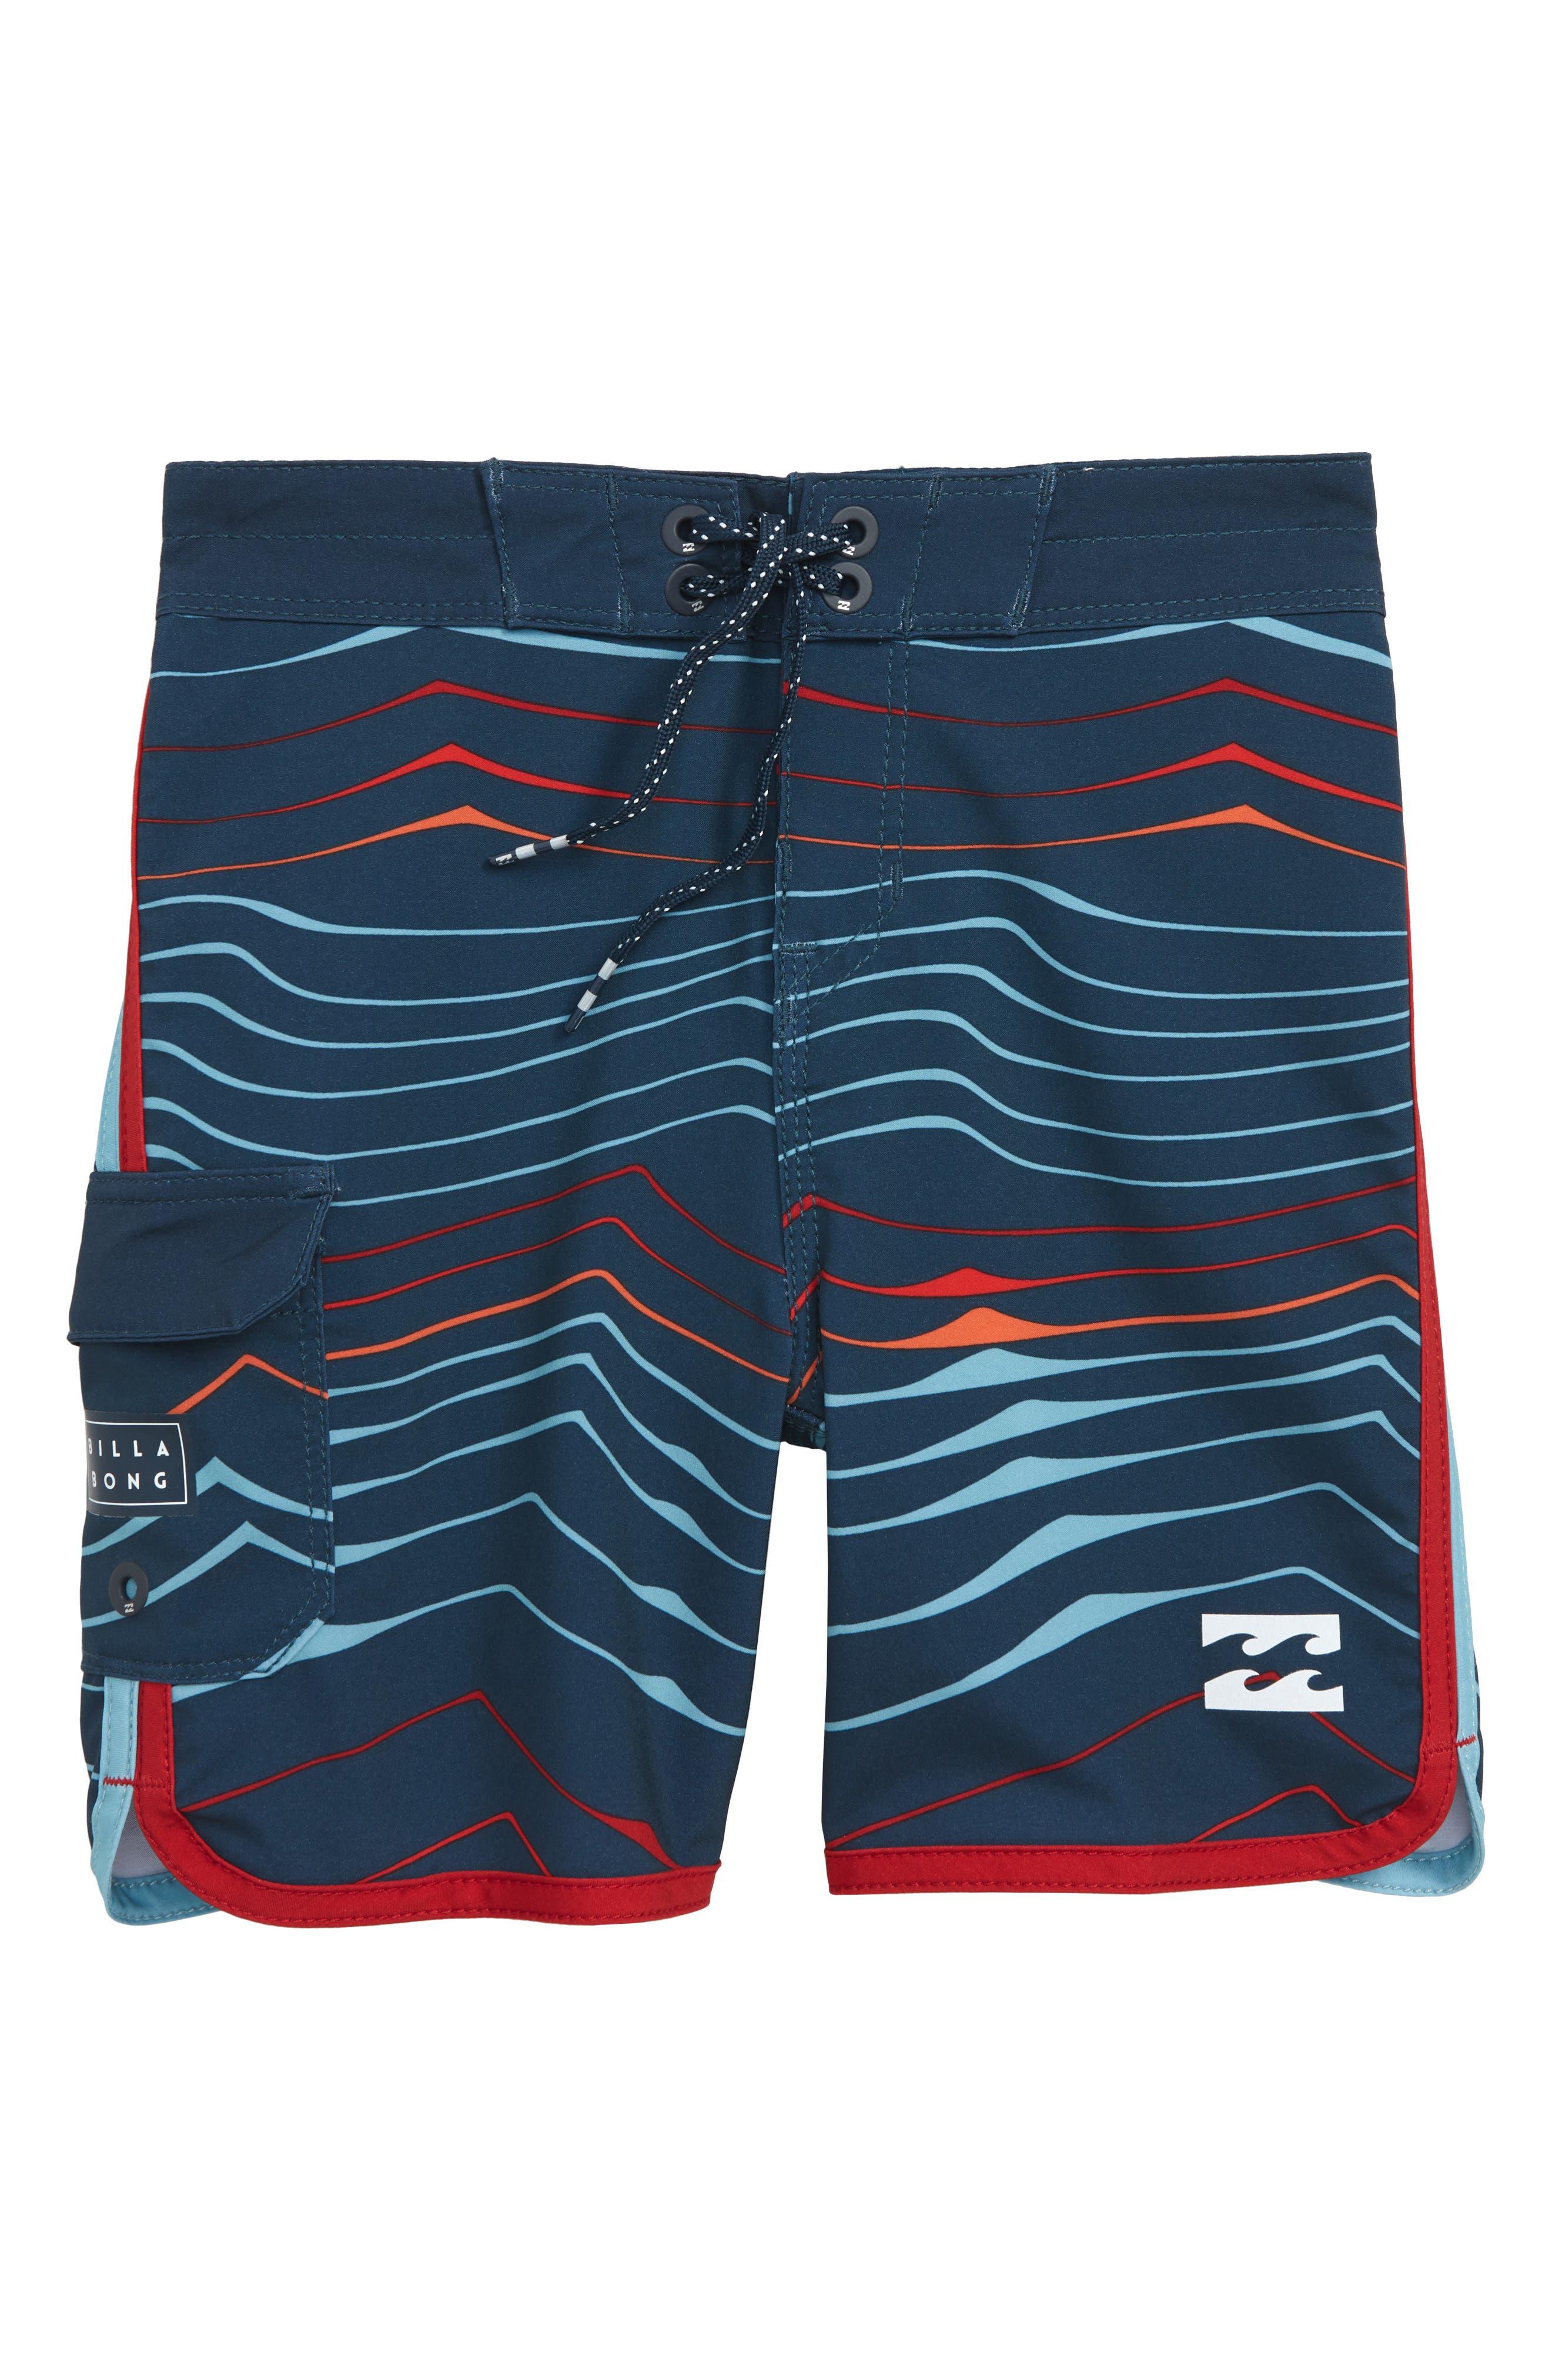 73 X Line Up Board Shorts,                             Main thumbnail 1, color,                             Navy